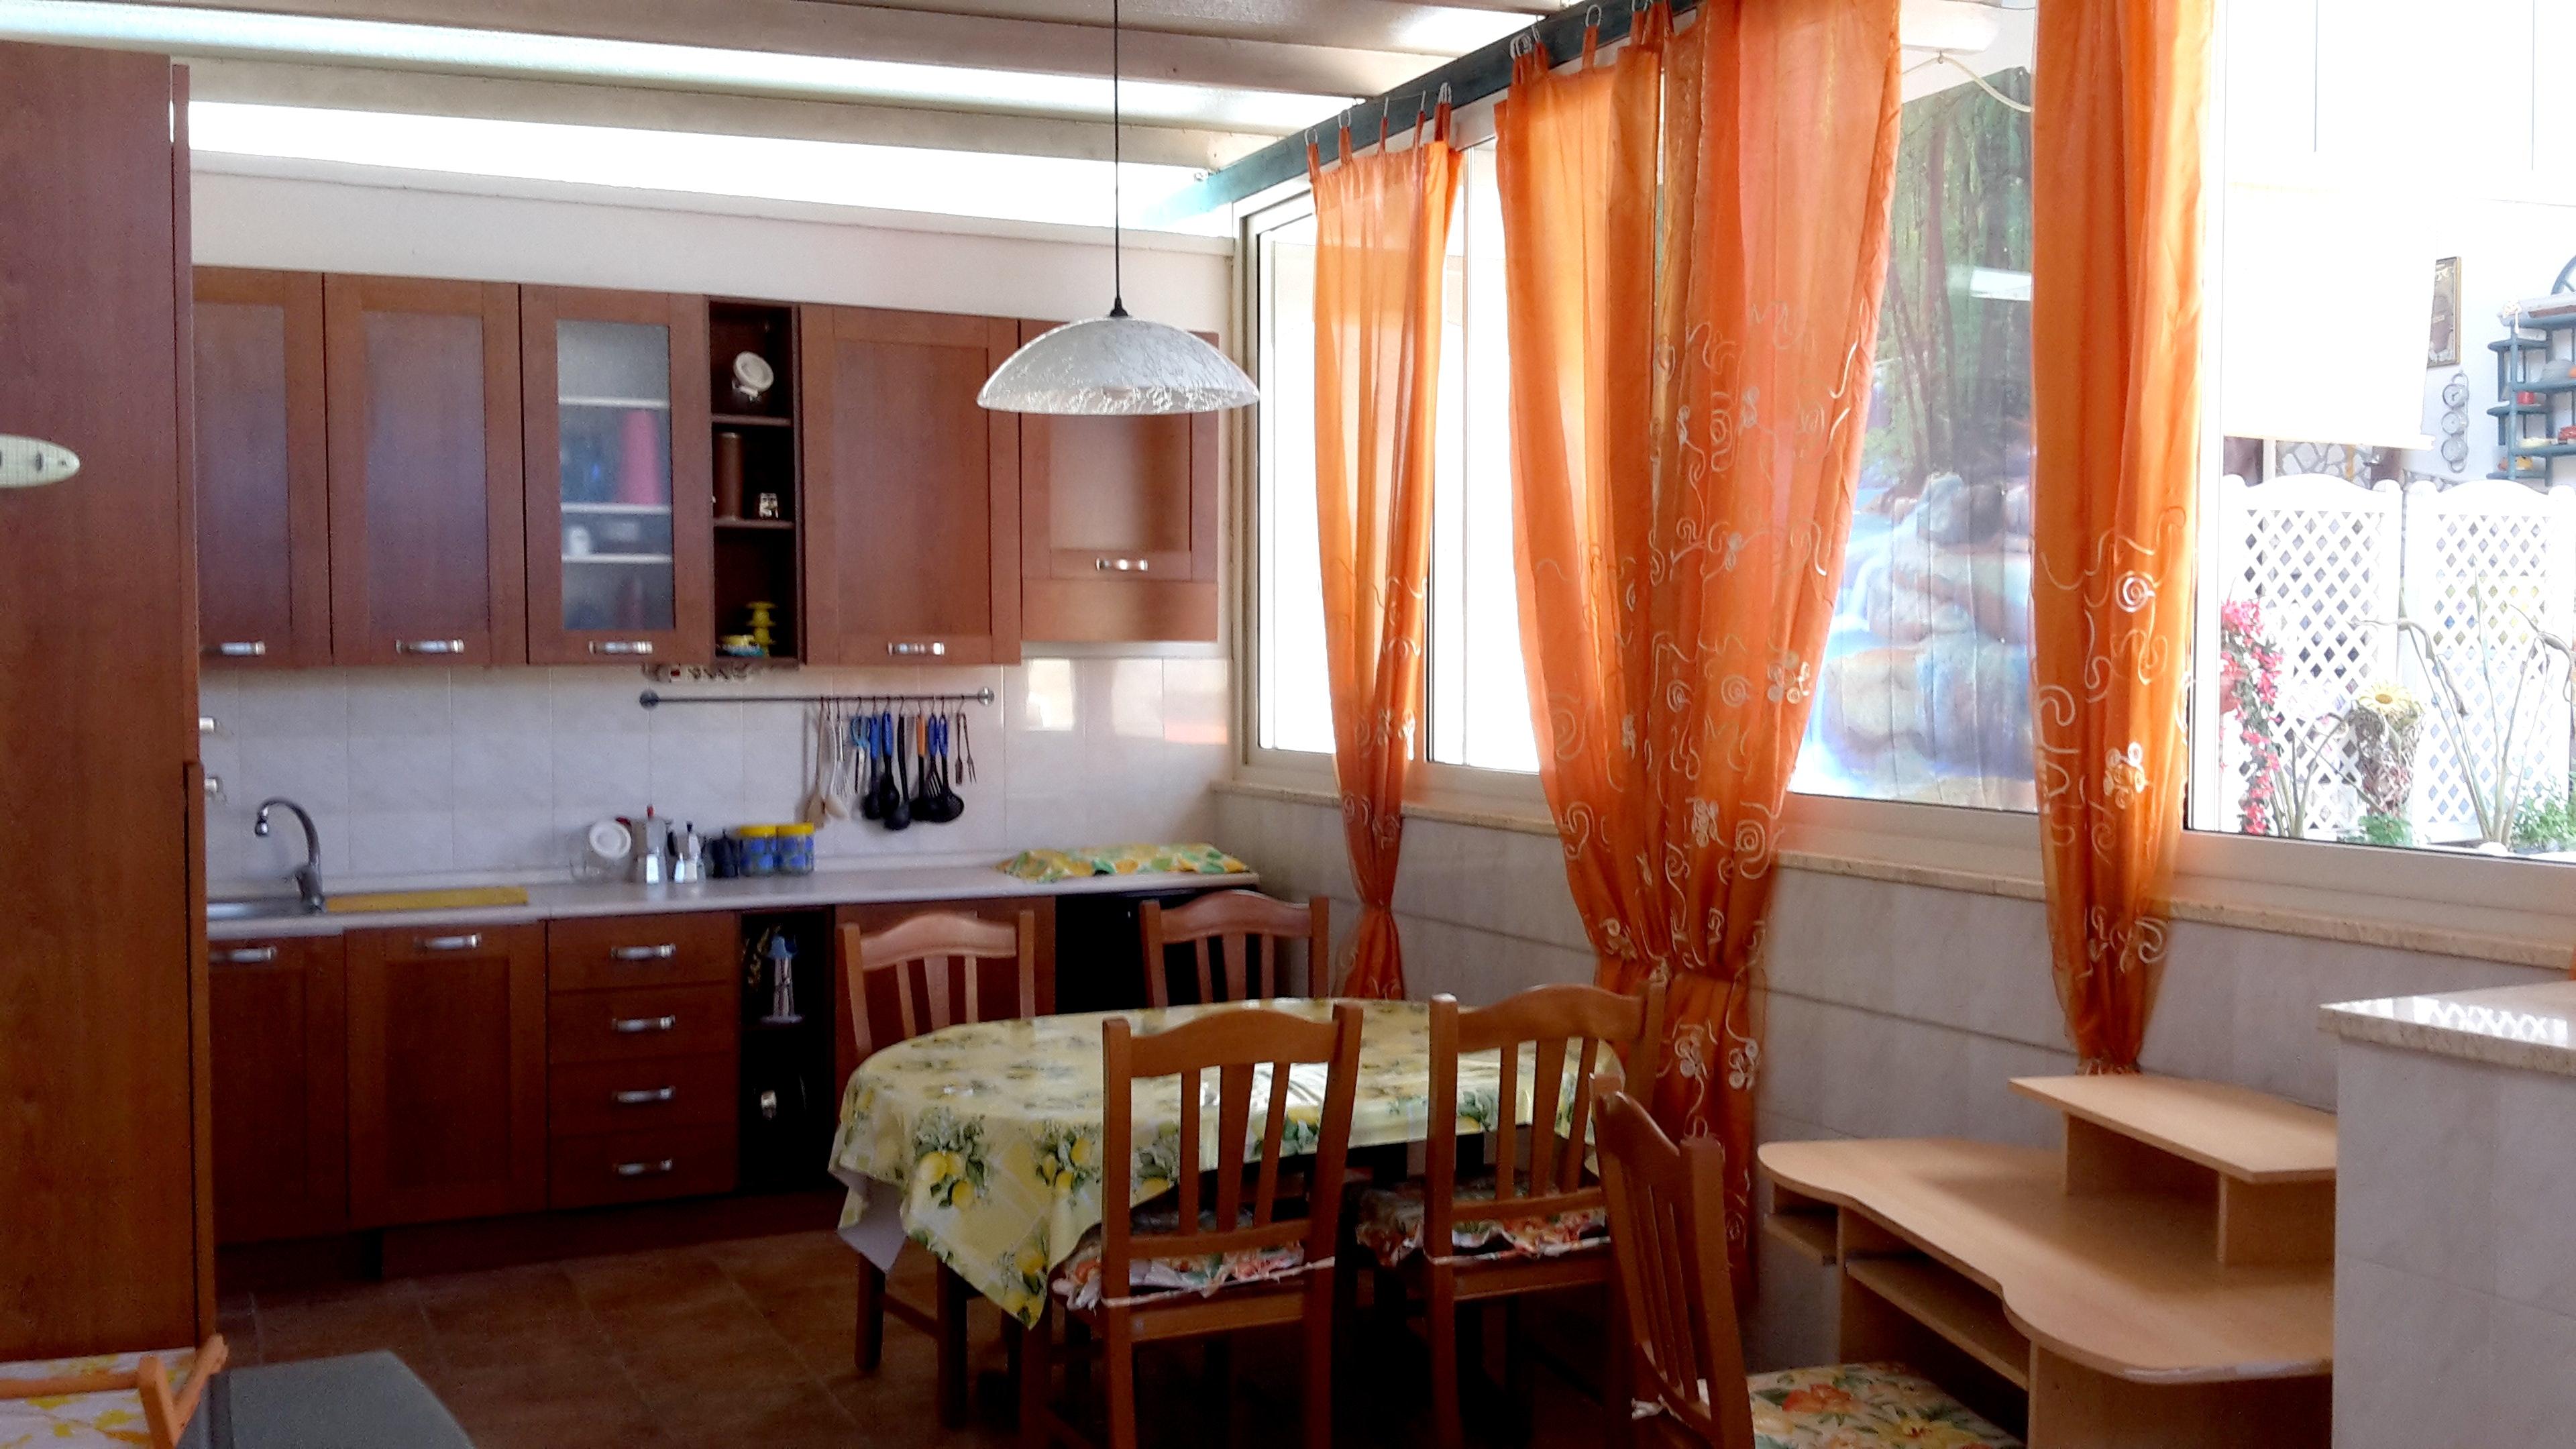 Ferienhaus Haus mit 2 Schlafzimmern in Porto Cesareo (Lecce) mit Pool, möbliertem Garten und W-LAN (2201032), Porto Cesareo, Lecce, Apulien, Italien, Bild 18